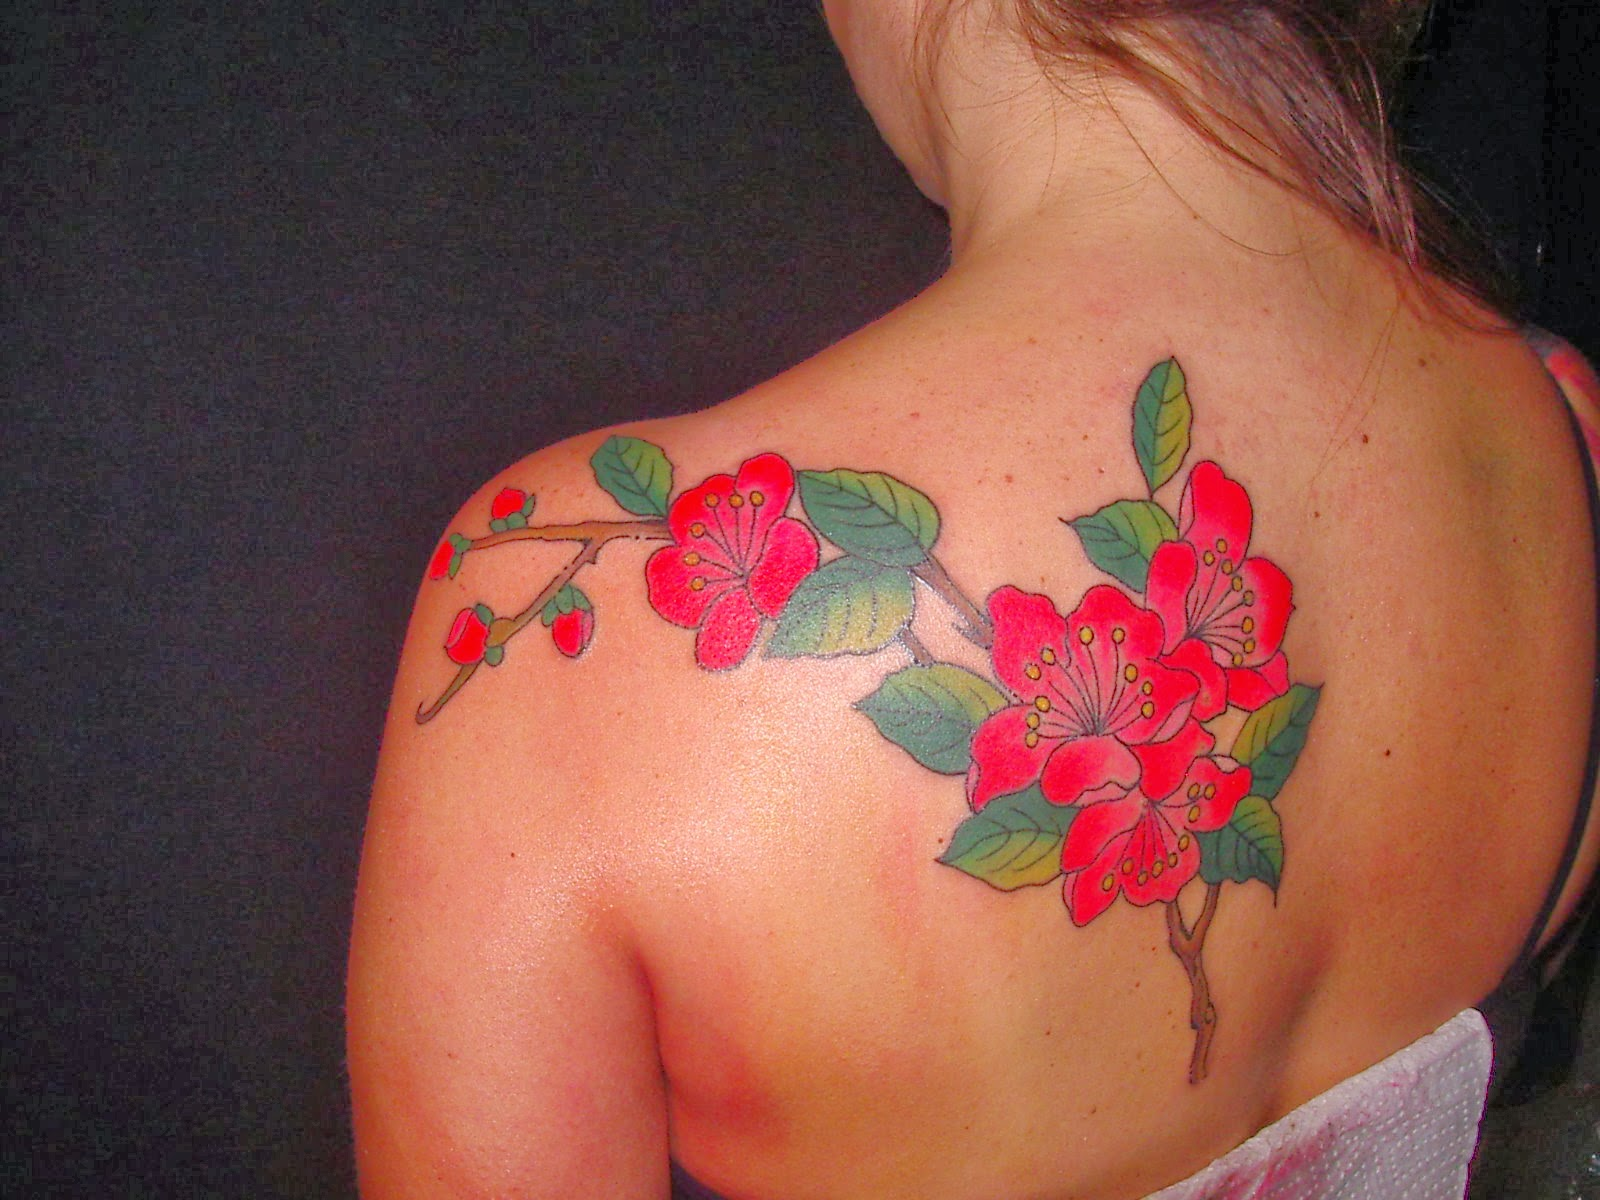 Immagini tatuaggi fiori di pesco for Disegni fiori per tatuaggi